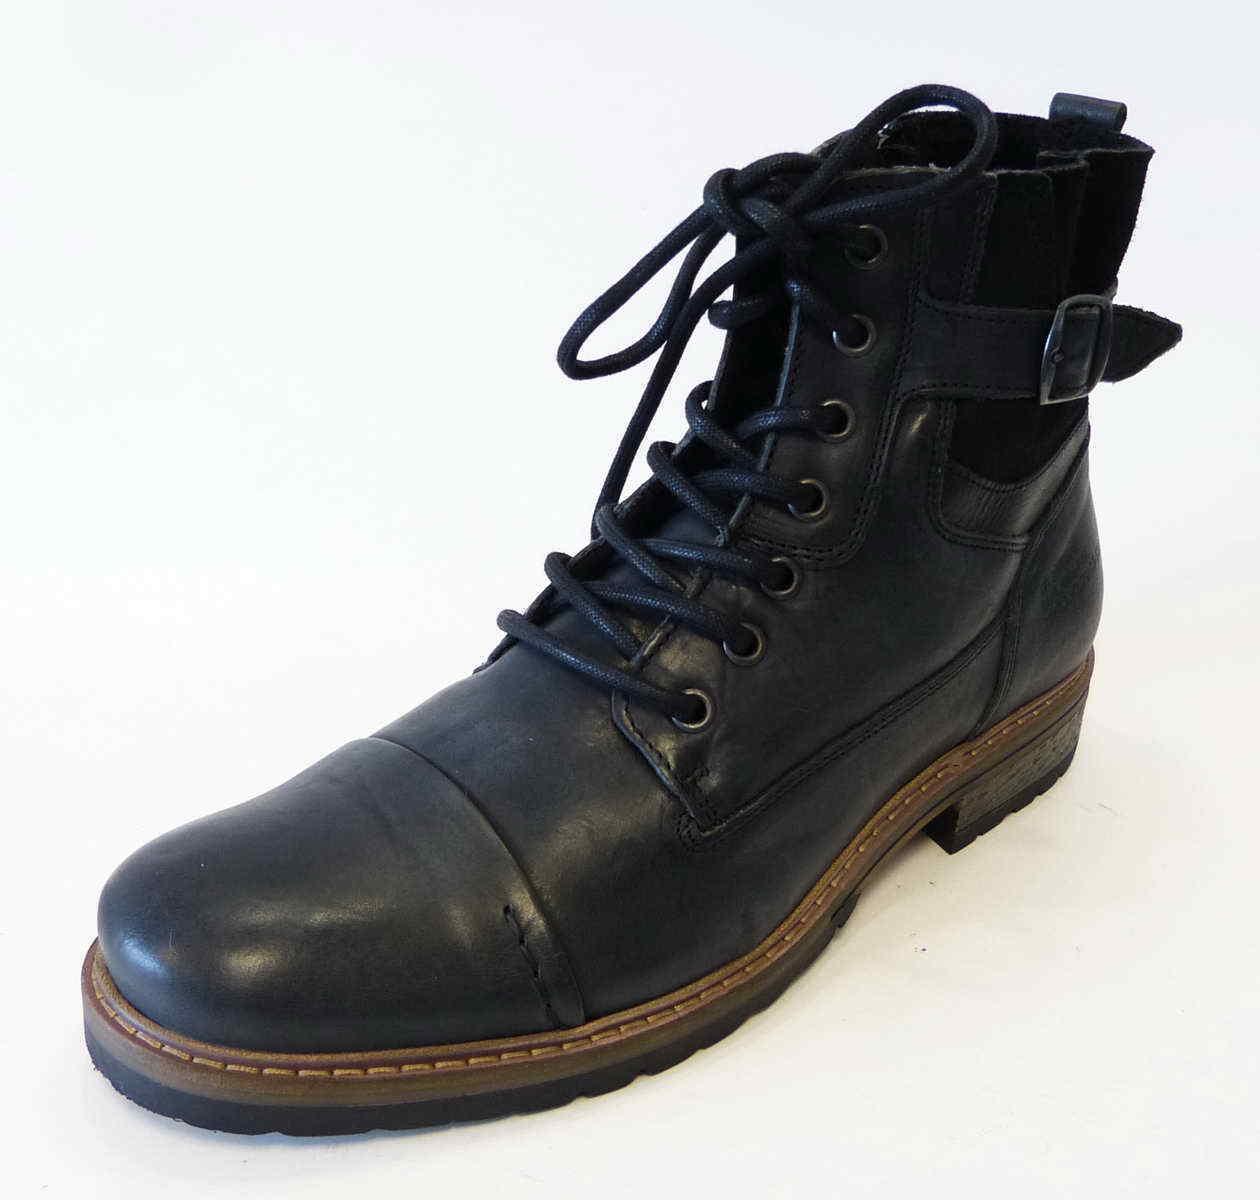 Bullboxer Stiefel Stiefel grau 285K84158A P844 Trend Reißverschluß Schnür schwarz